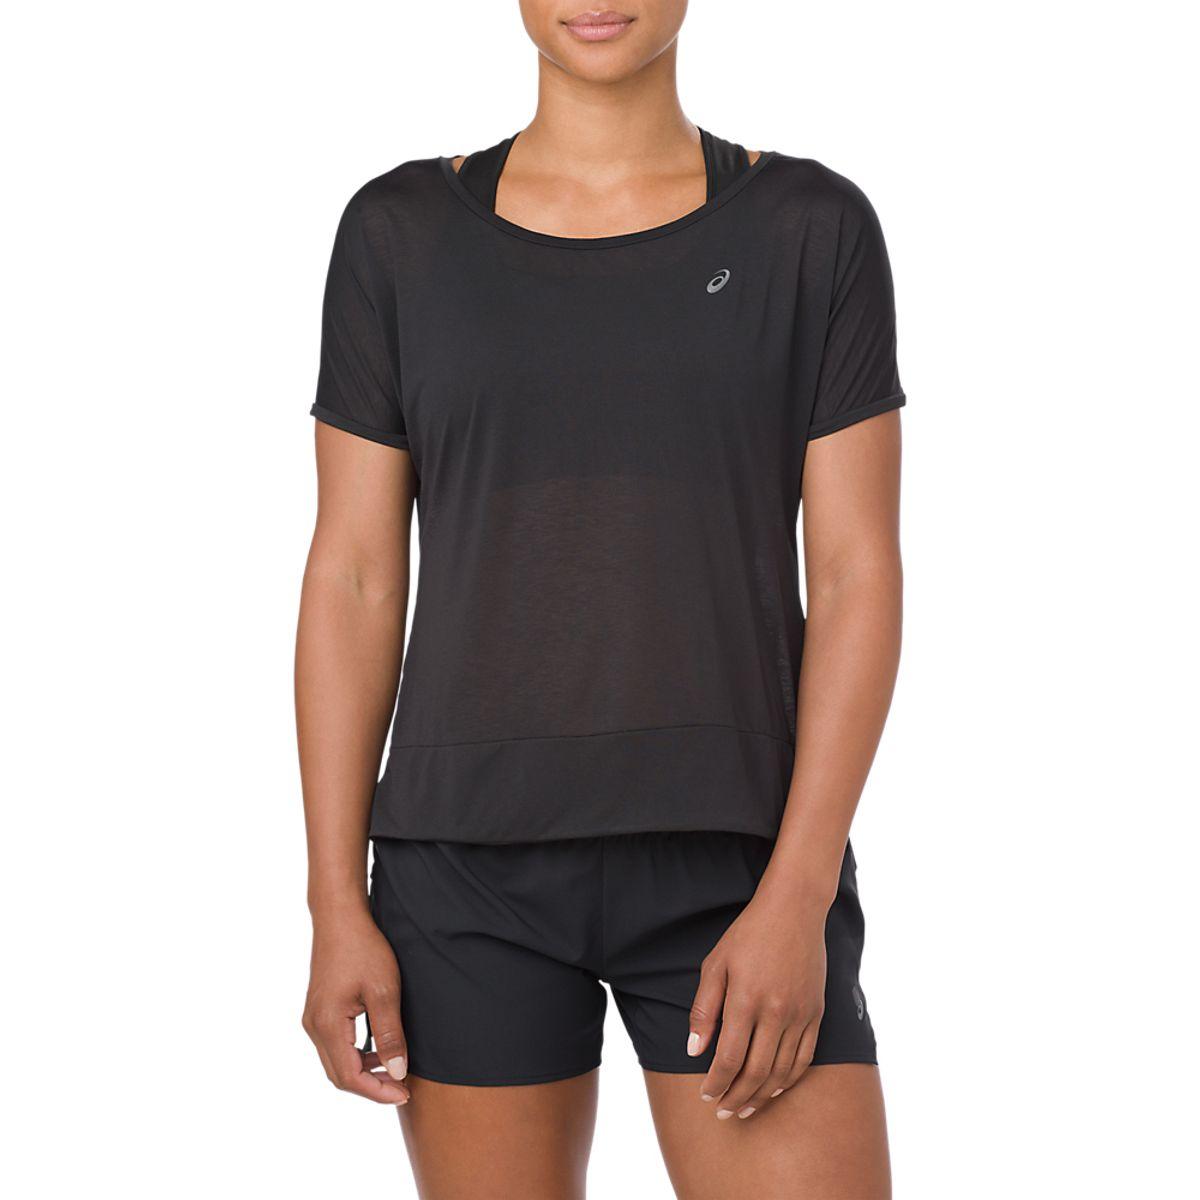 Camiseta-Asics-Crop-Top-de-Mangas-Curtas---Feminino---Preto